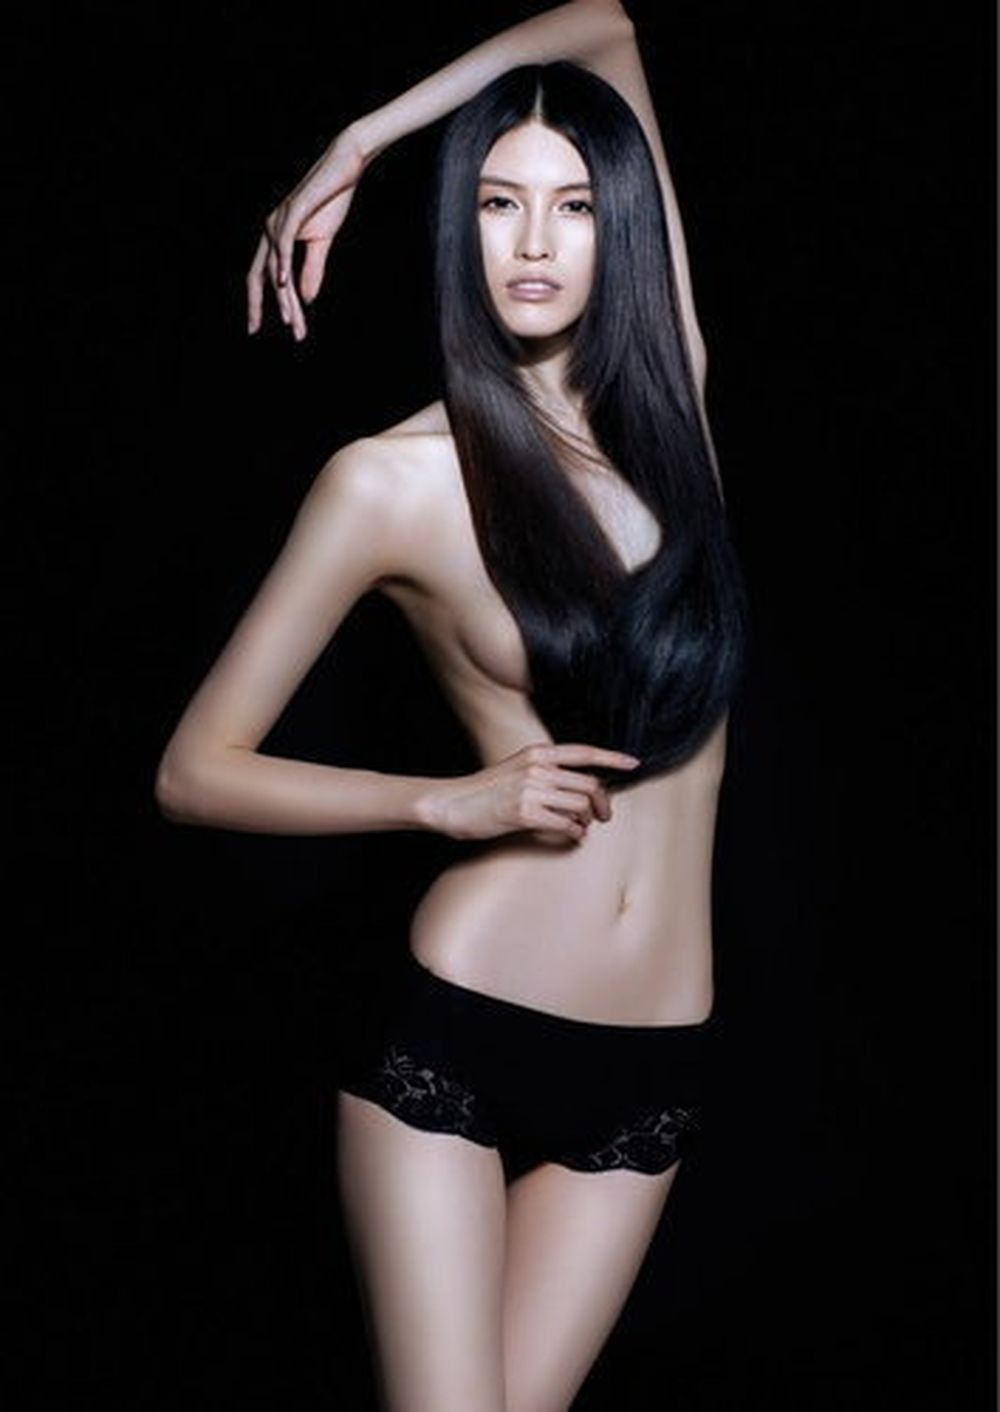 vietnam-nude-supermodel-shannen-doherty-cum